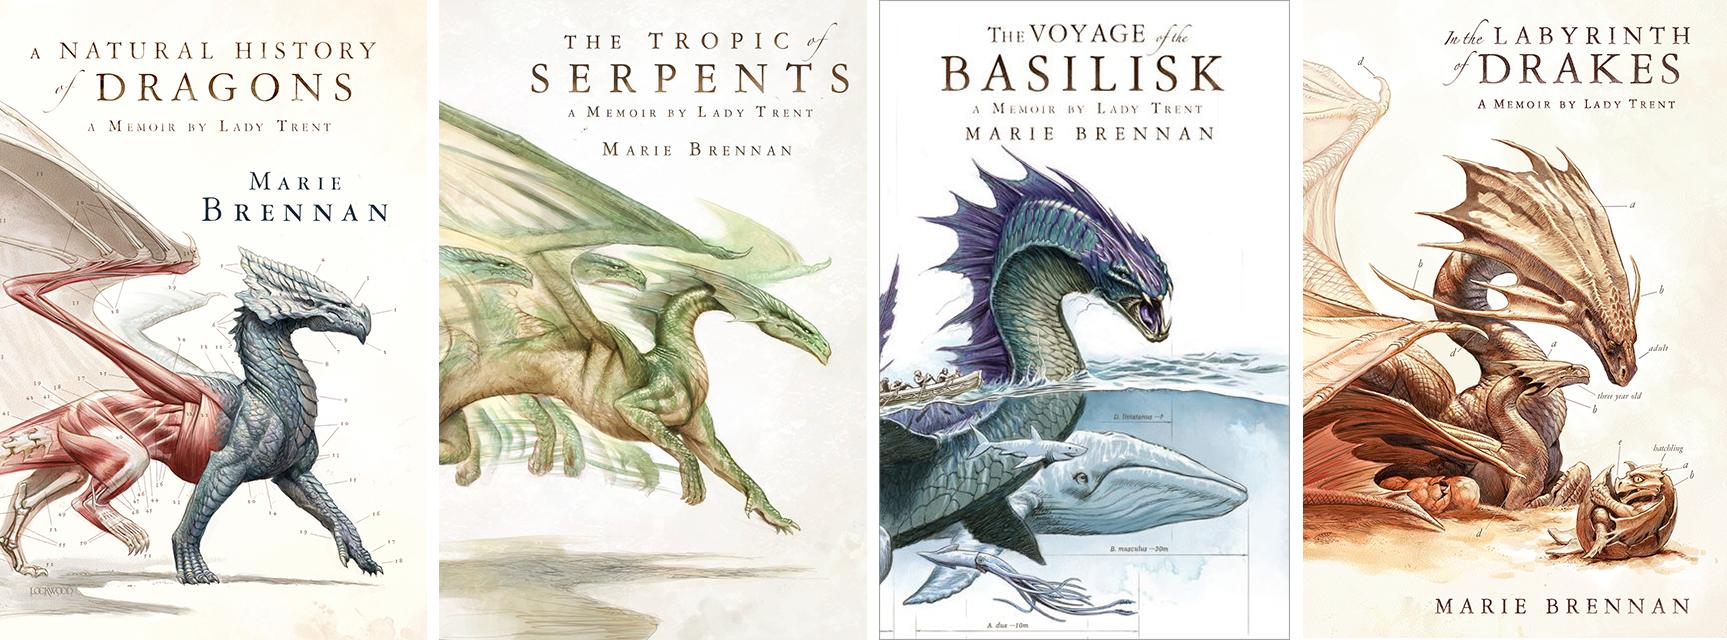 Marie Brennan dragon books cover